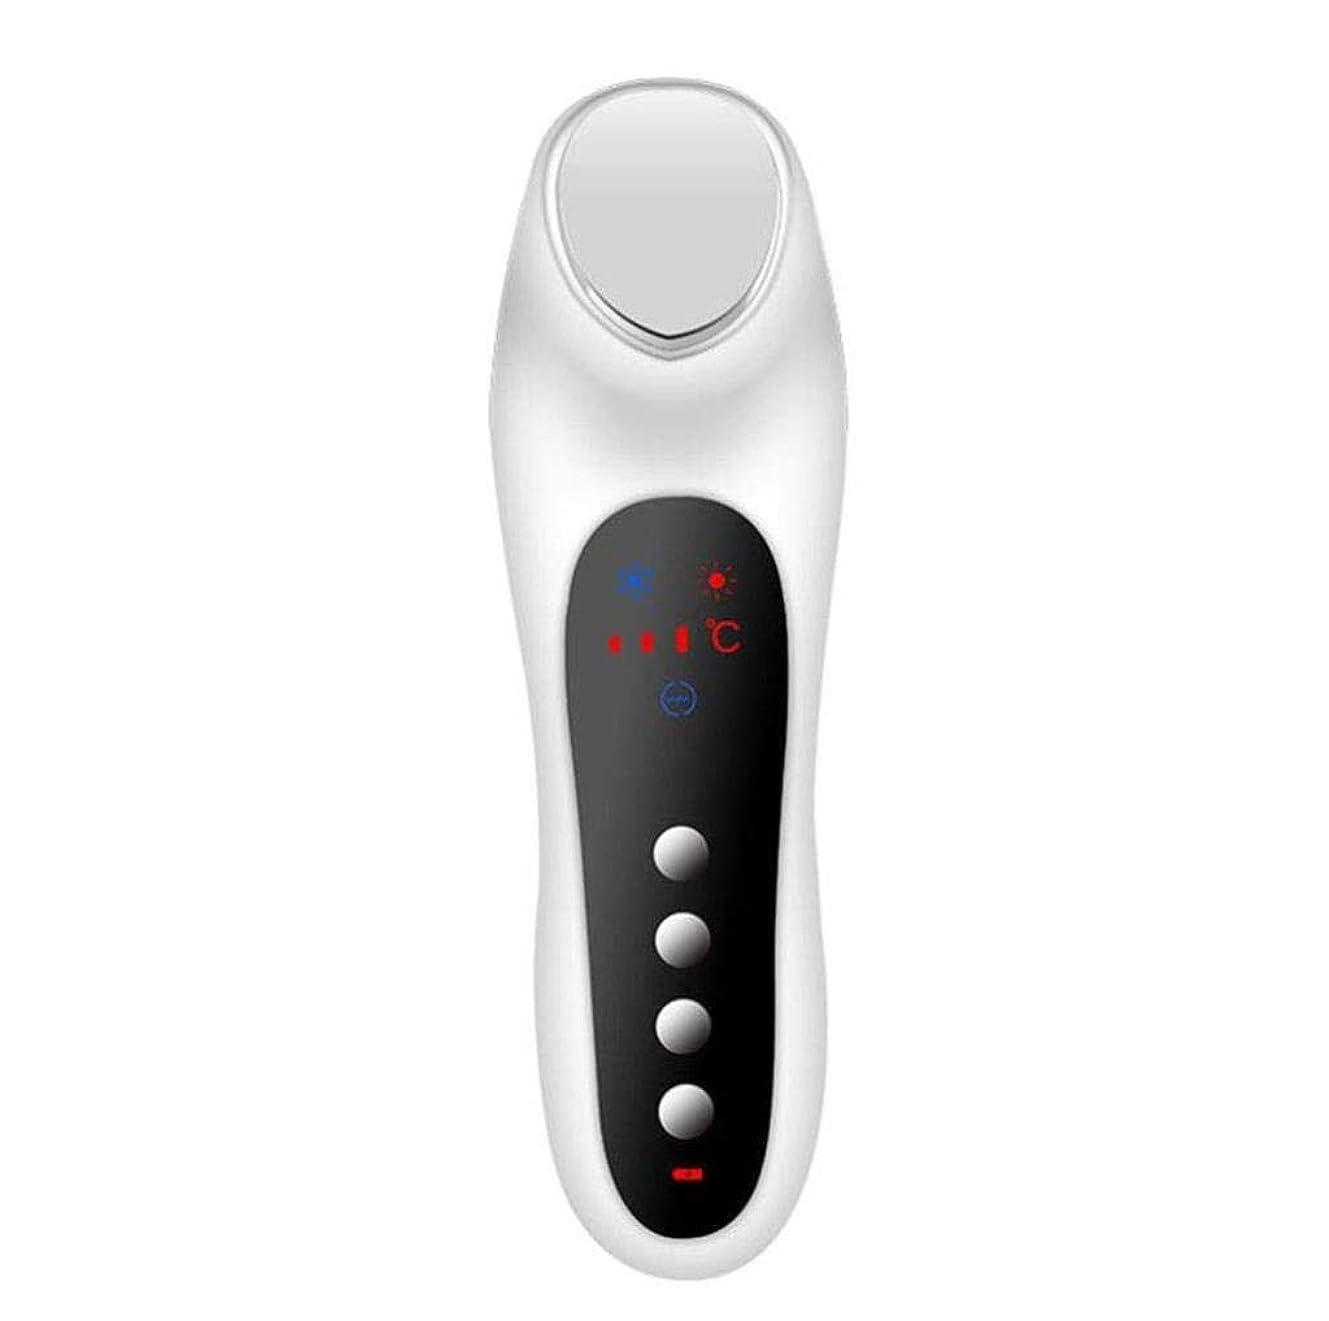 所属心理学深い美機械USBの充満スキンケアの顔の冷たいハンマーのマッサージャー (Color : 白)